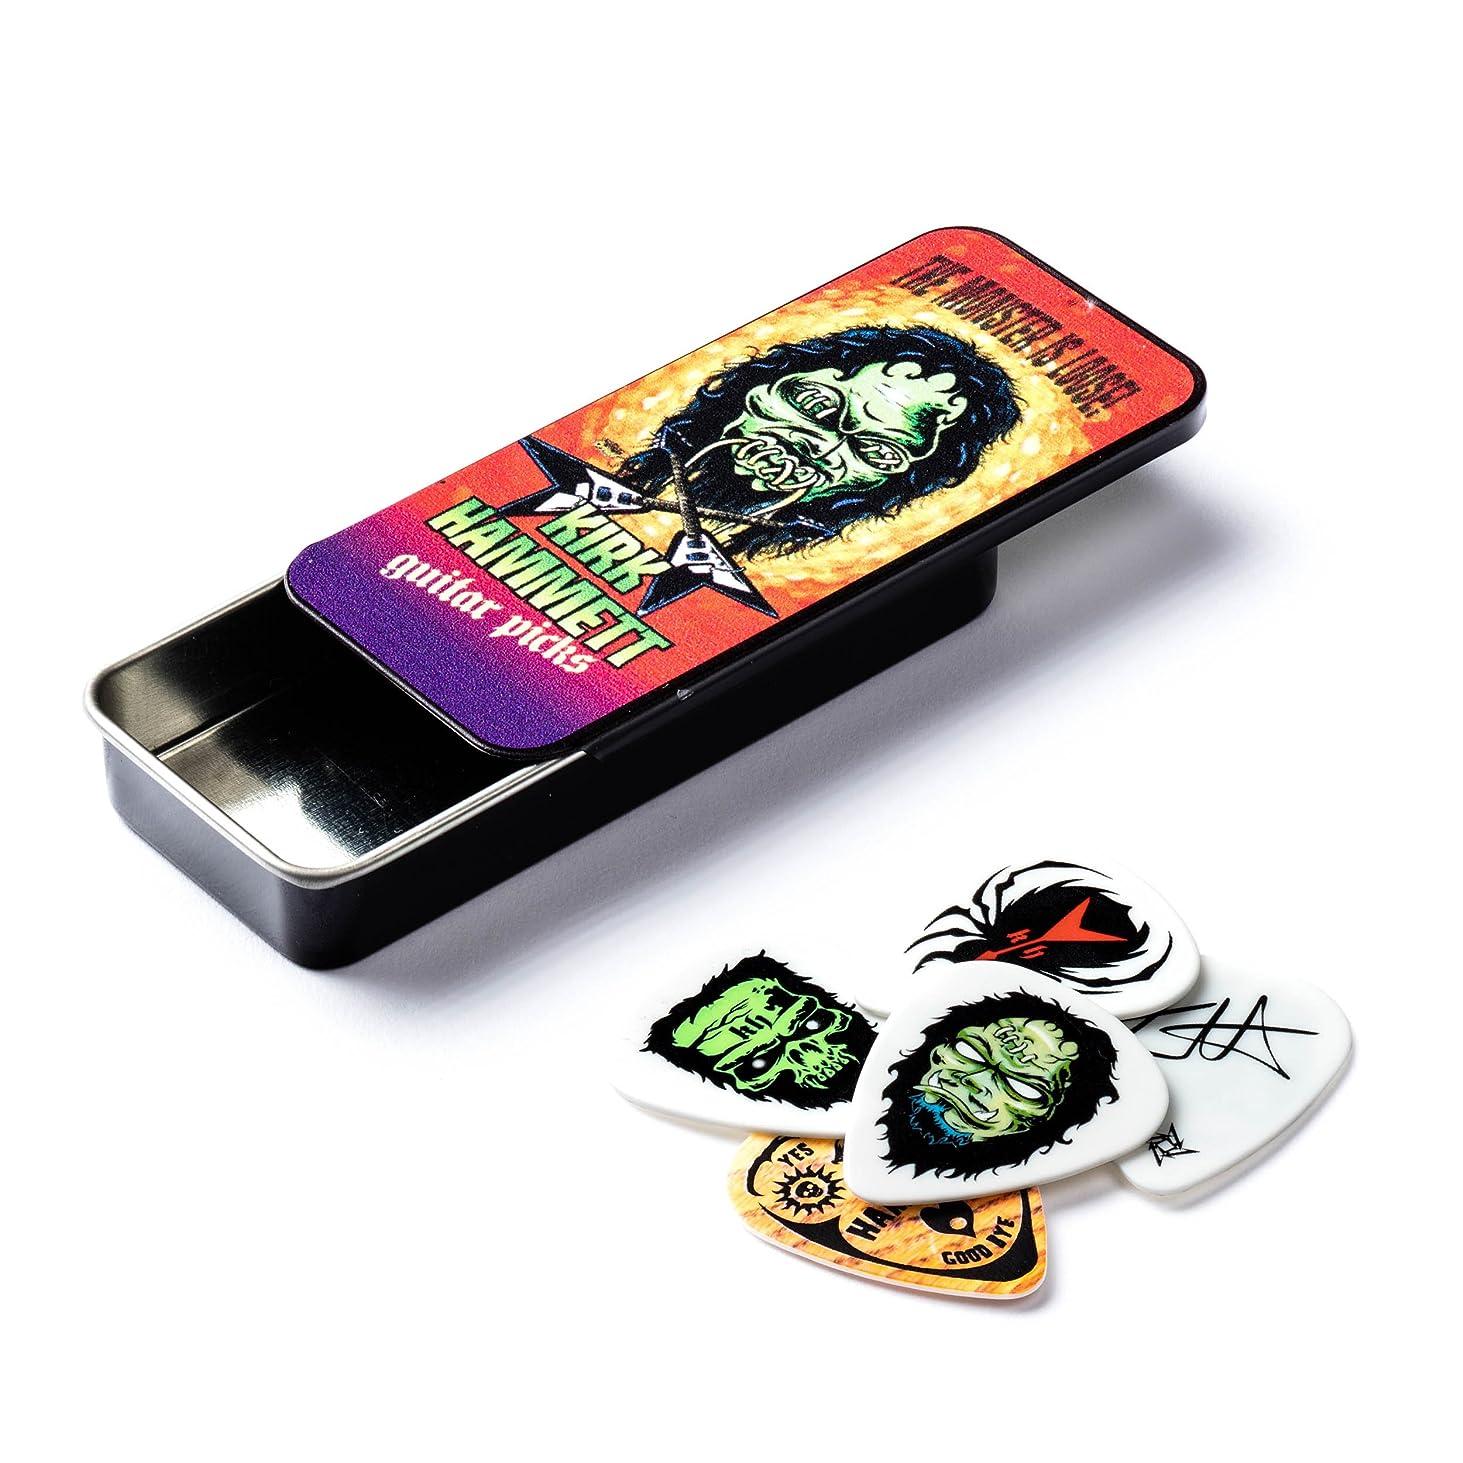 偏差タブレット非行Jim Dunlop (ジム ダンロップ)  カーク ハメット ピック & ケース セット Kirk Hammet Collectible Pick Tin